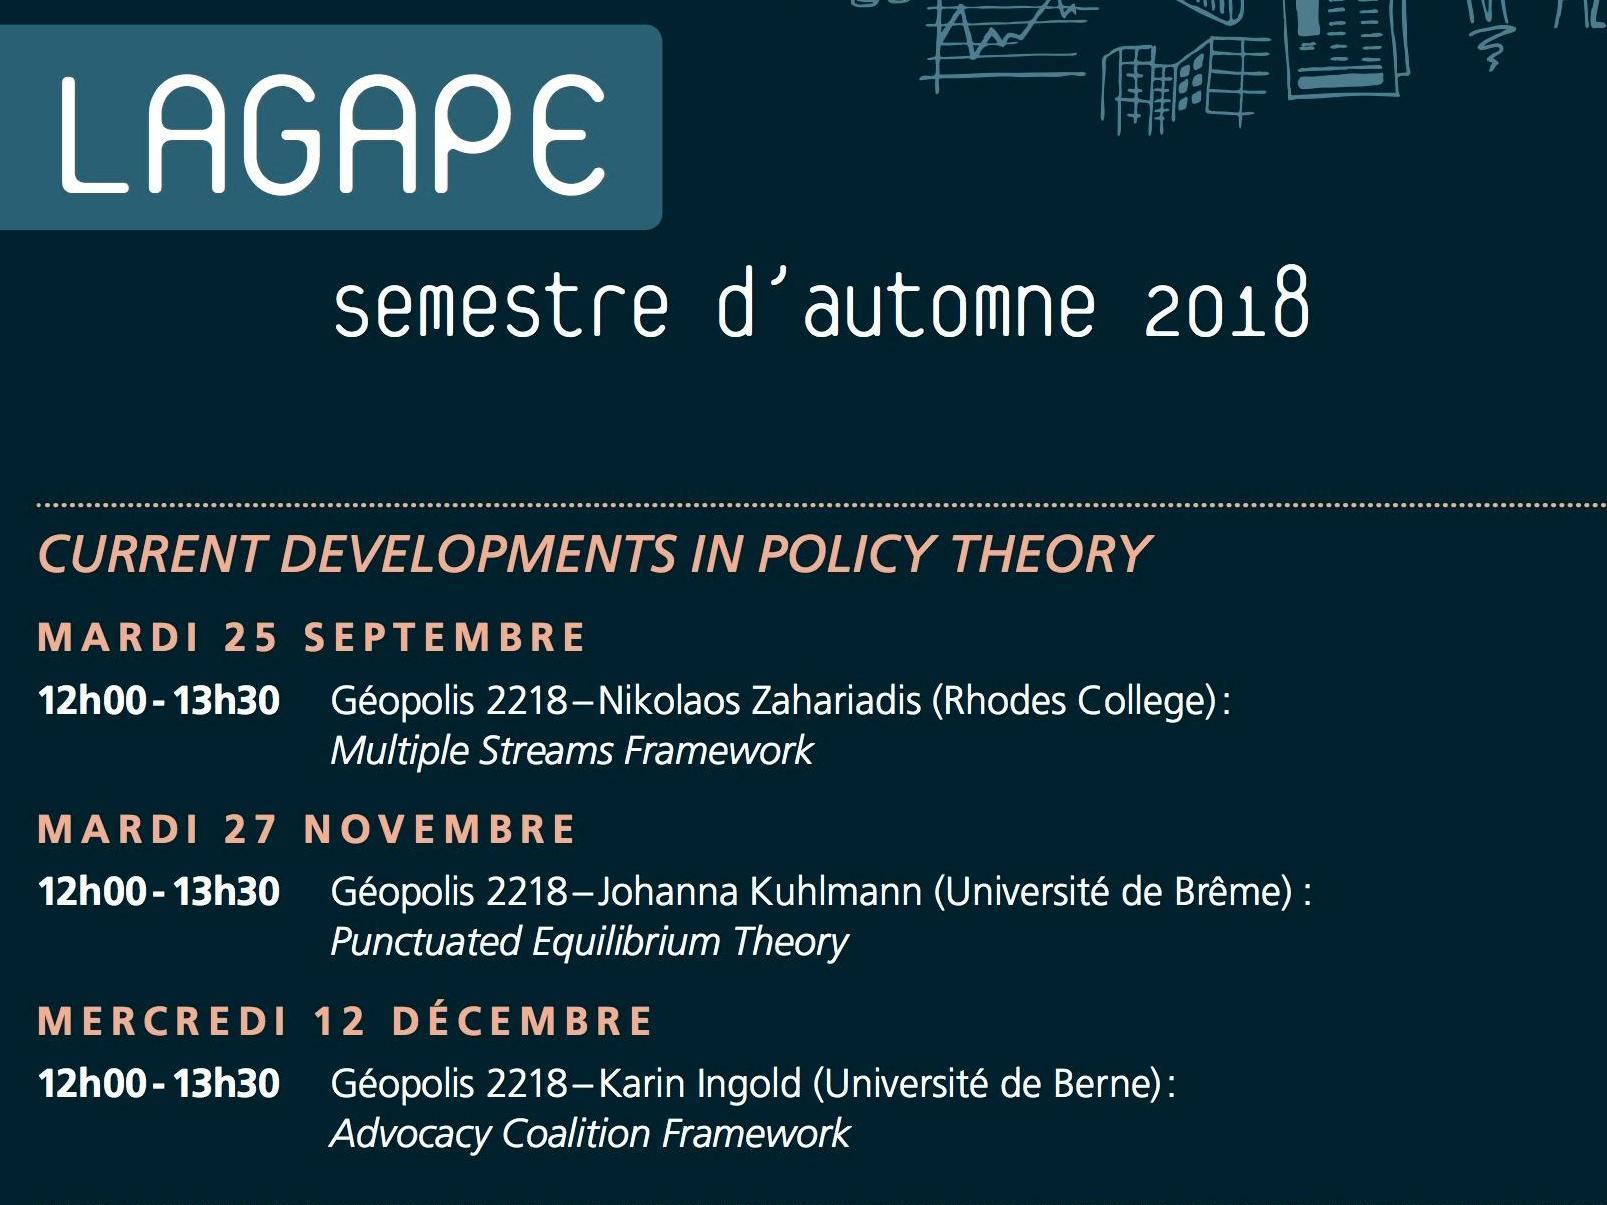 Programme du LAGAPE pour le semestre d'automne 2018